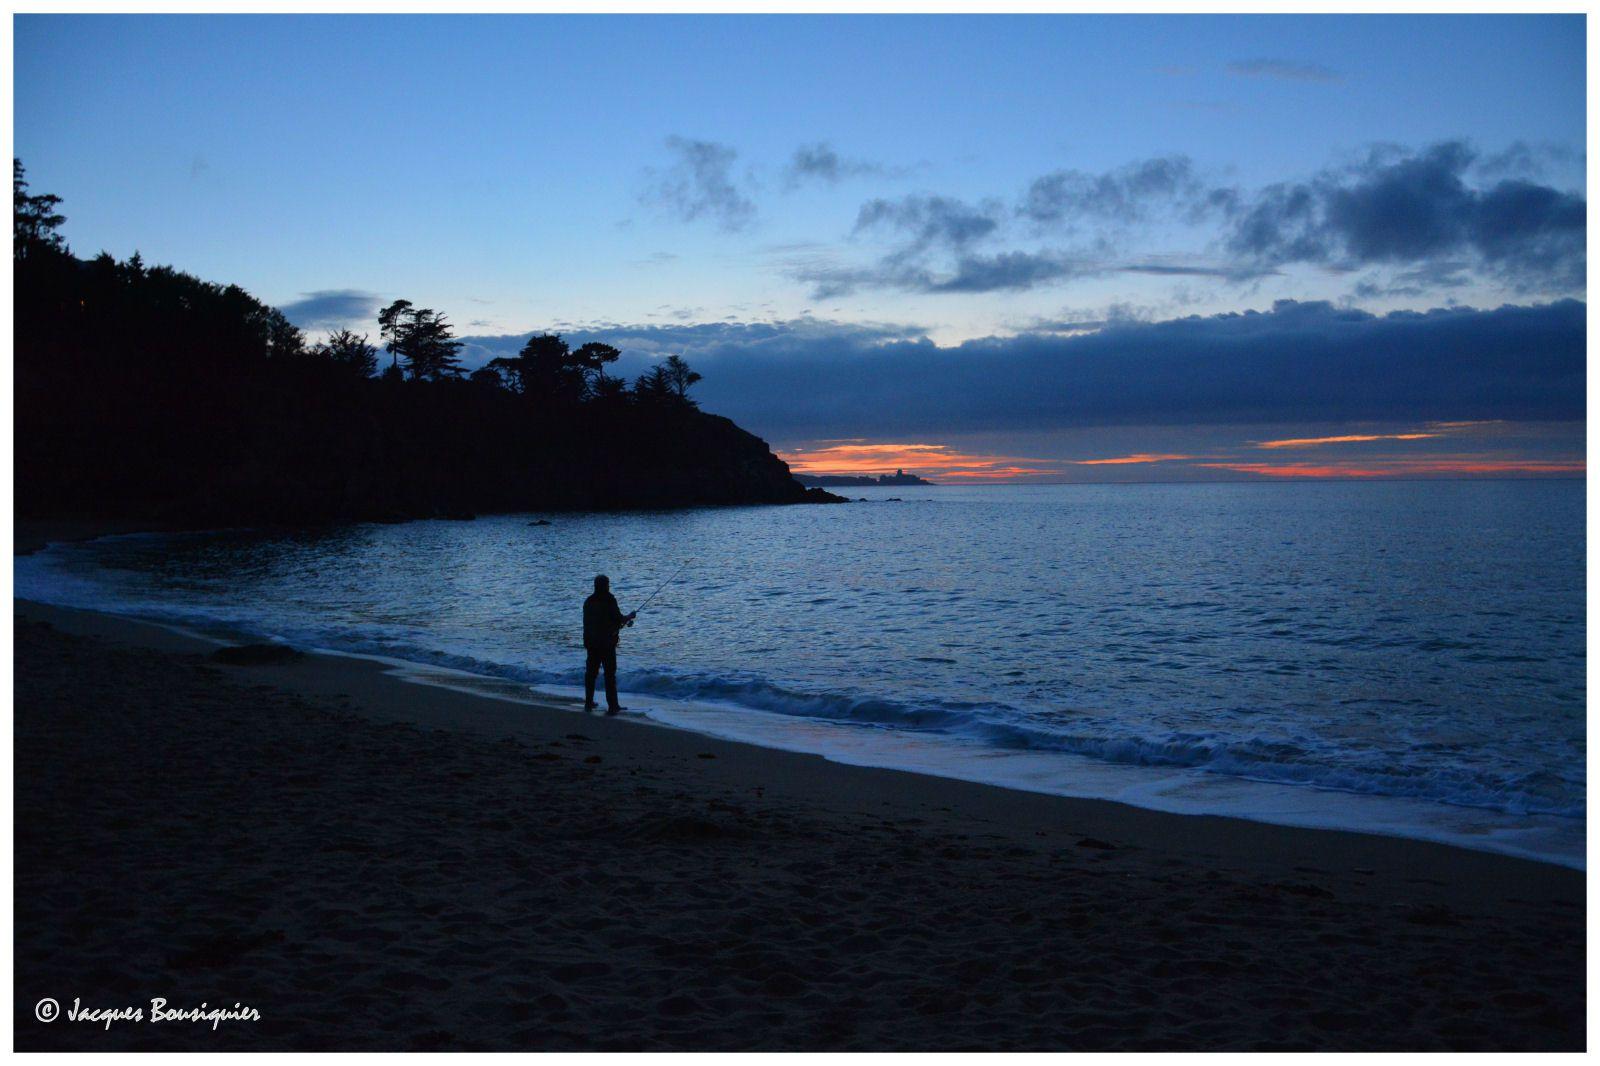 La plage, un soir d'été